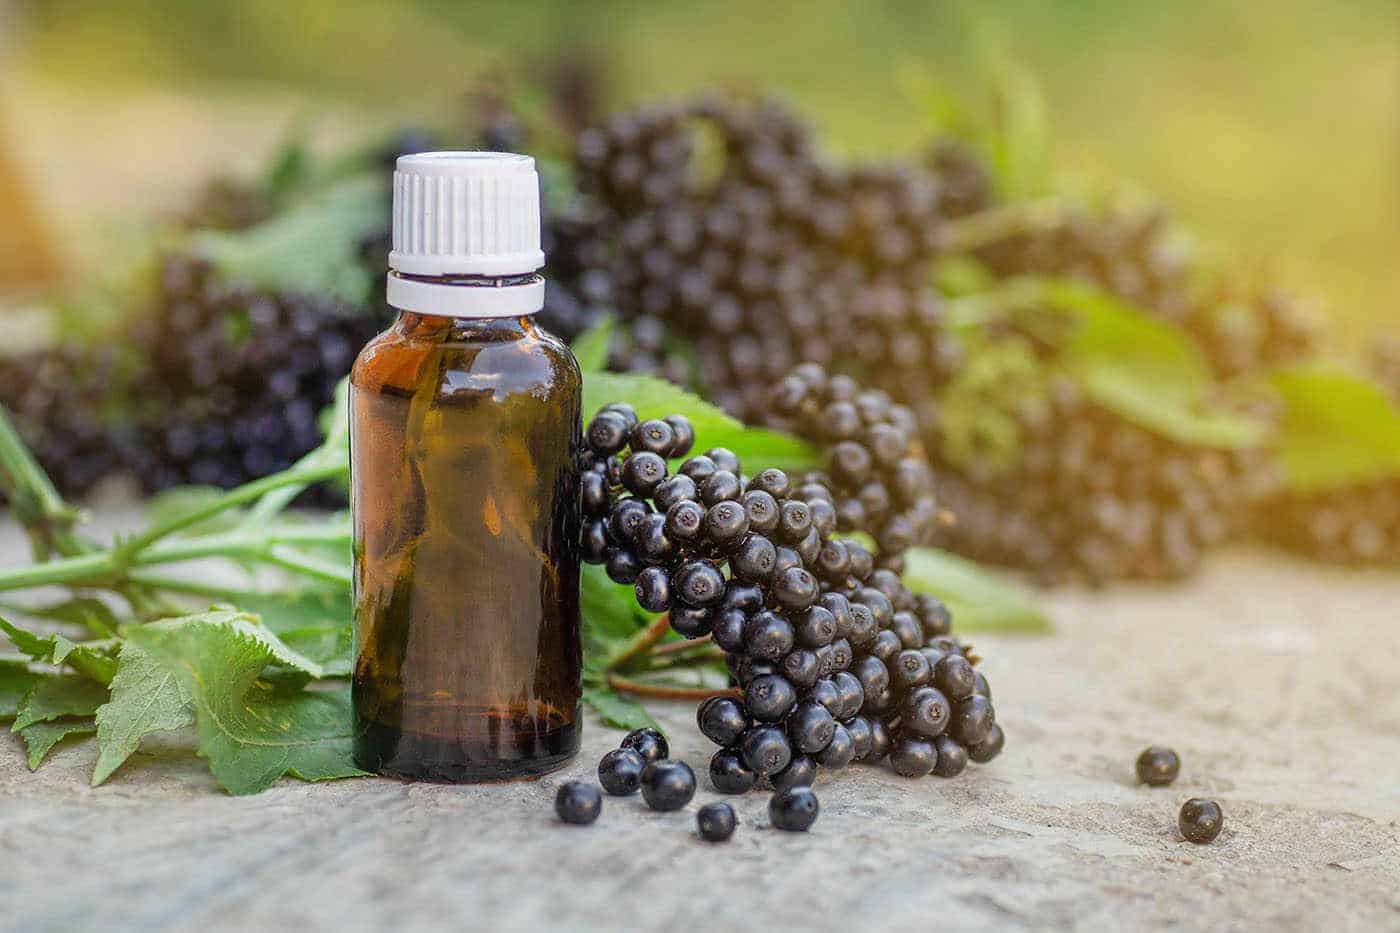 Elderberry Extract supplements